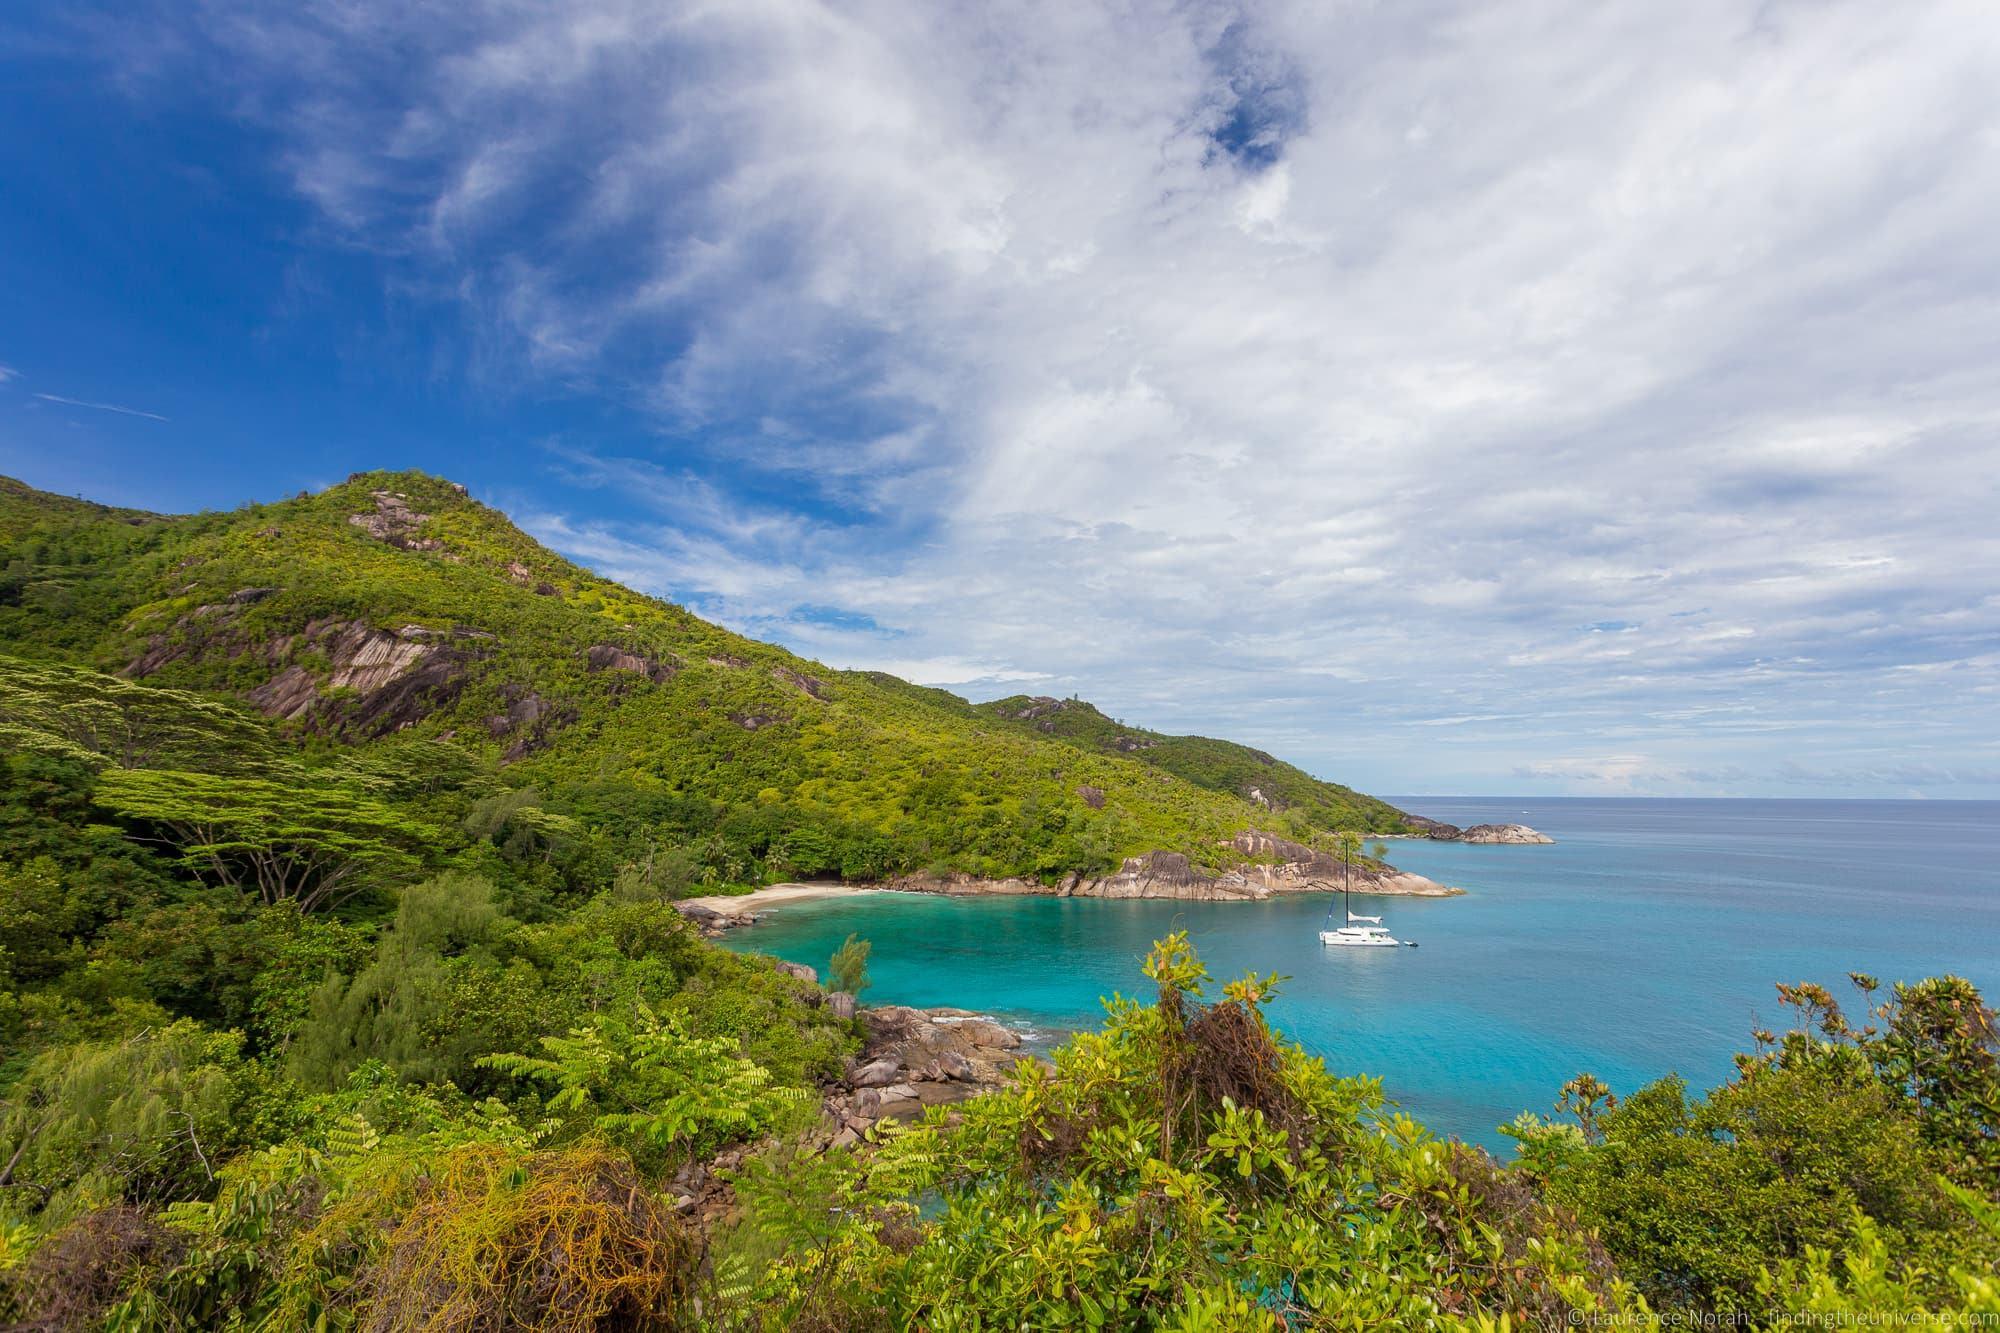 Anse Major Mahé Seychelles